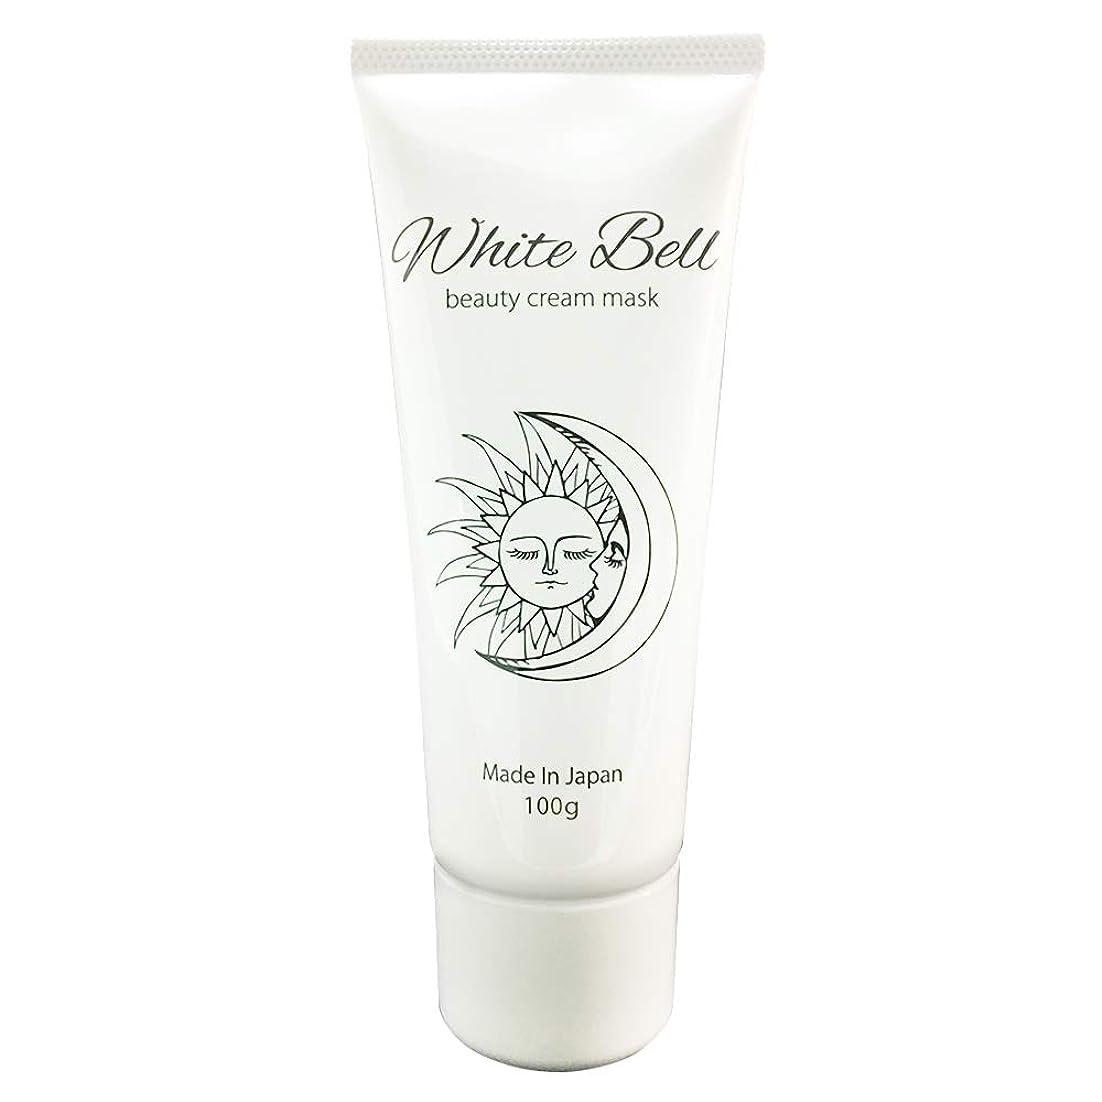 スイス人ライブ納屋ホワイトベル ビューティークリームマスク White-Bell beauty cream mask ナイトクリーム オールインワン